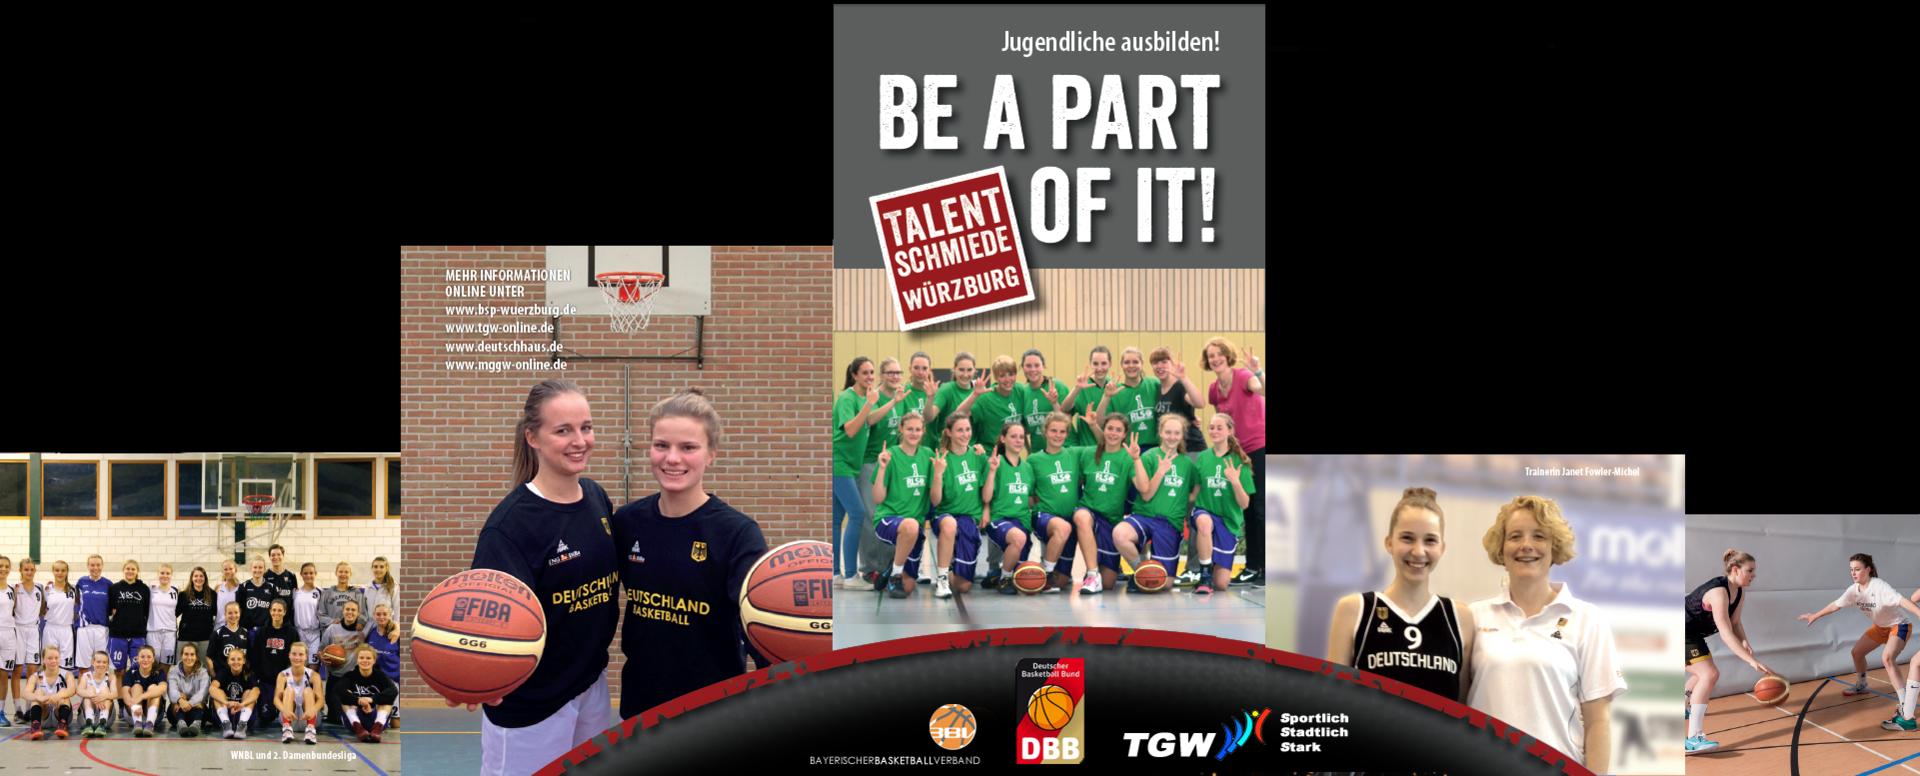 Basketballstützpunkt Würzburg weiblicher Bereich